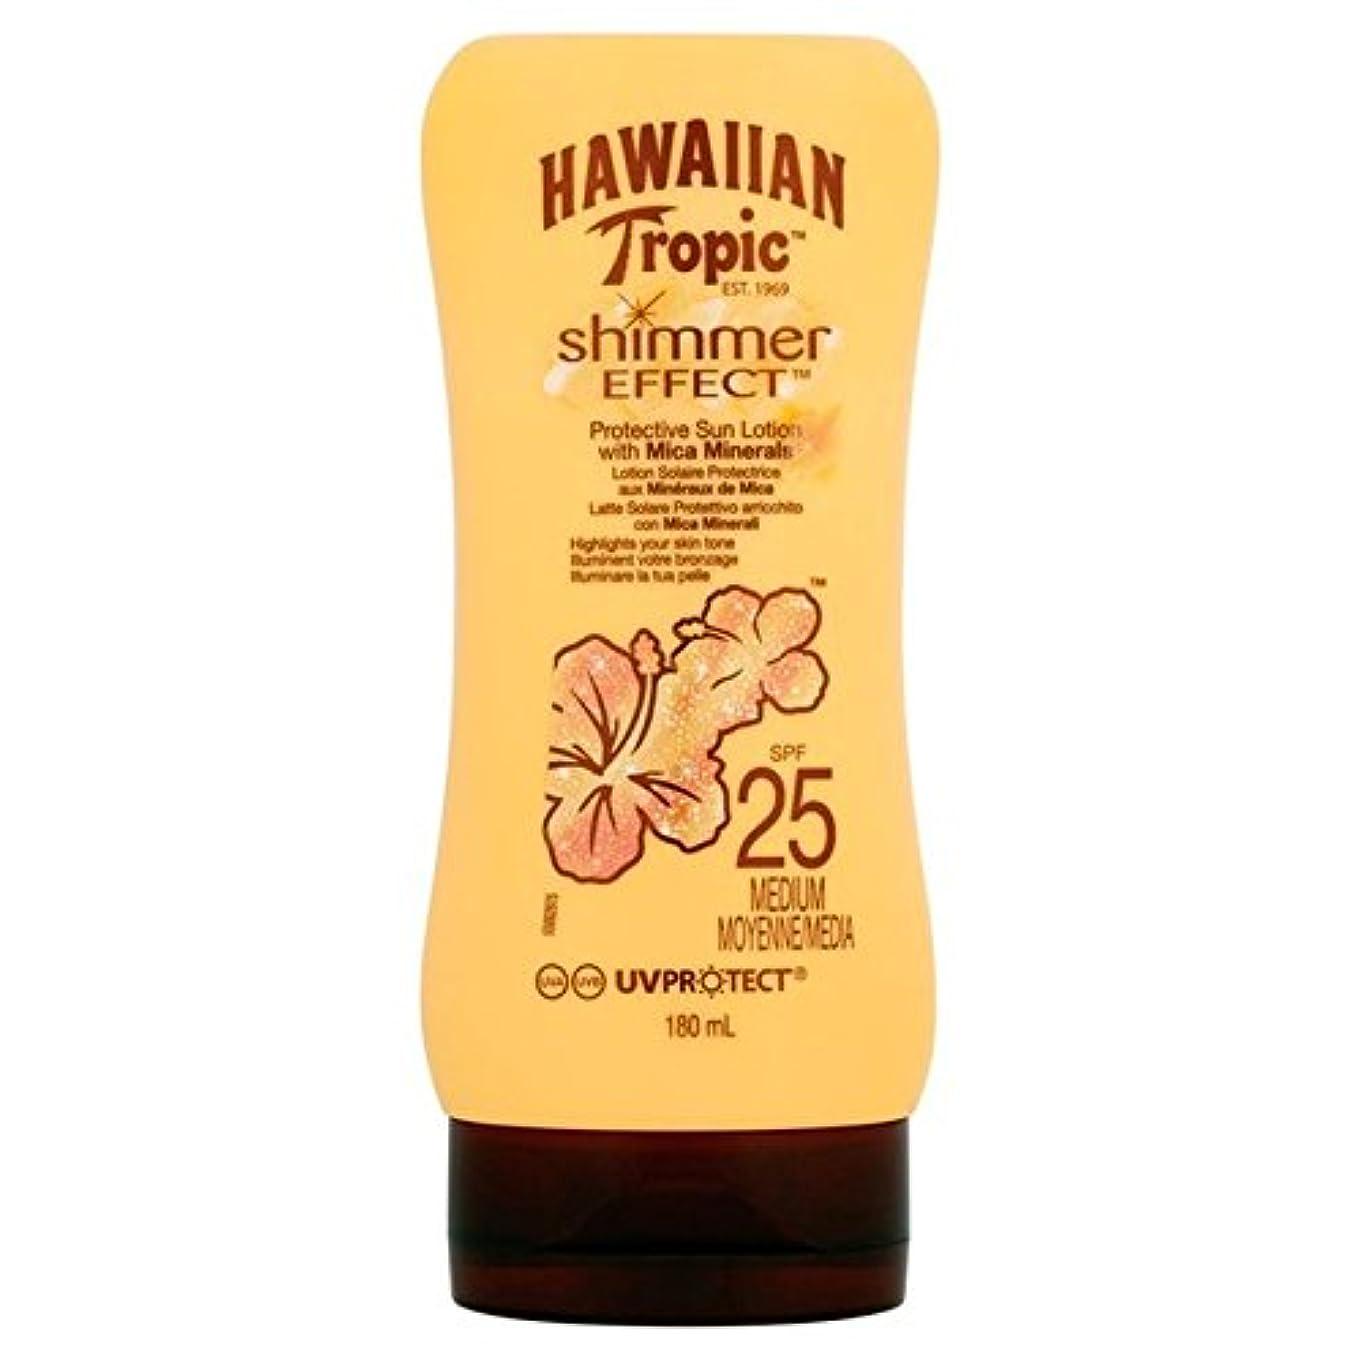 ゆるい辛い溢れんばかりのHawaiian Tropic Silk Shimmer Effect Sun Cream SPF 25 180ml - 南国ハワイシルクきらめき効果の日焼け止めクリーム 25 180ミリリットル [並行輸入品]